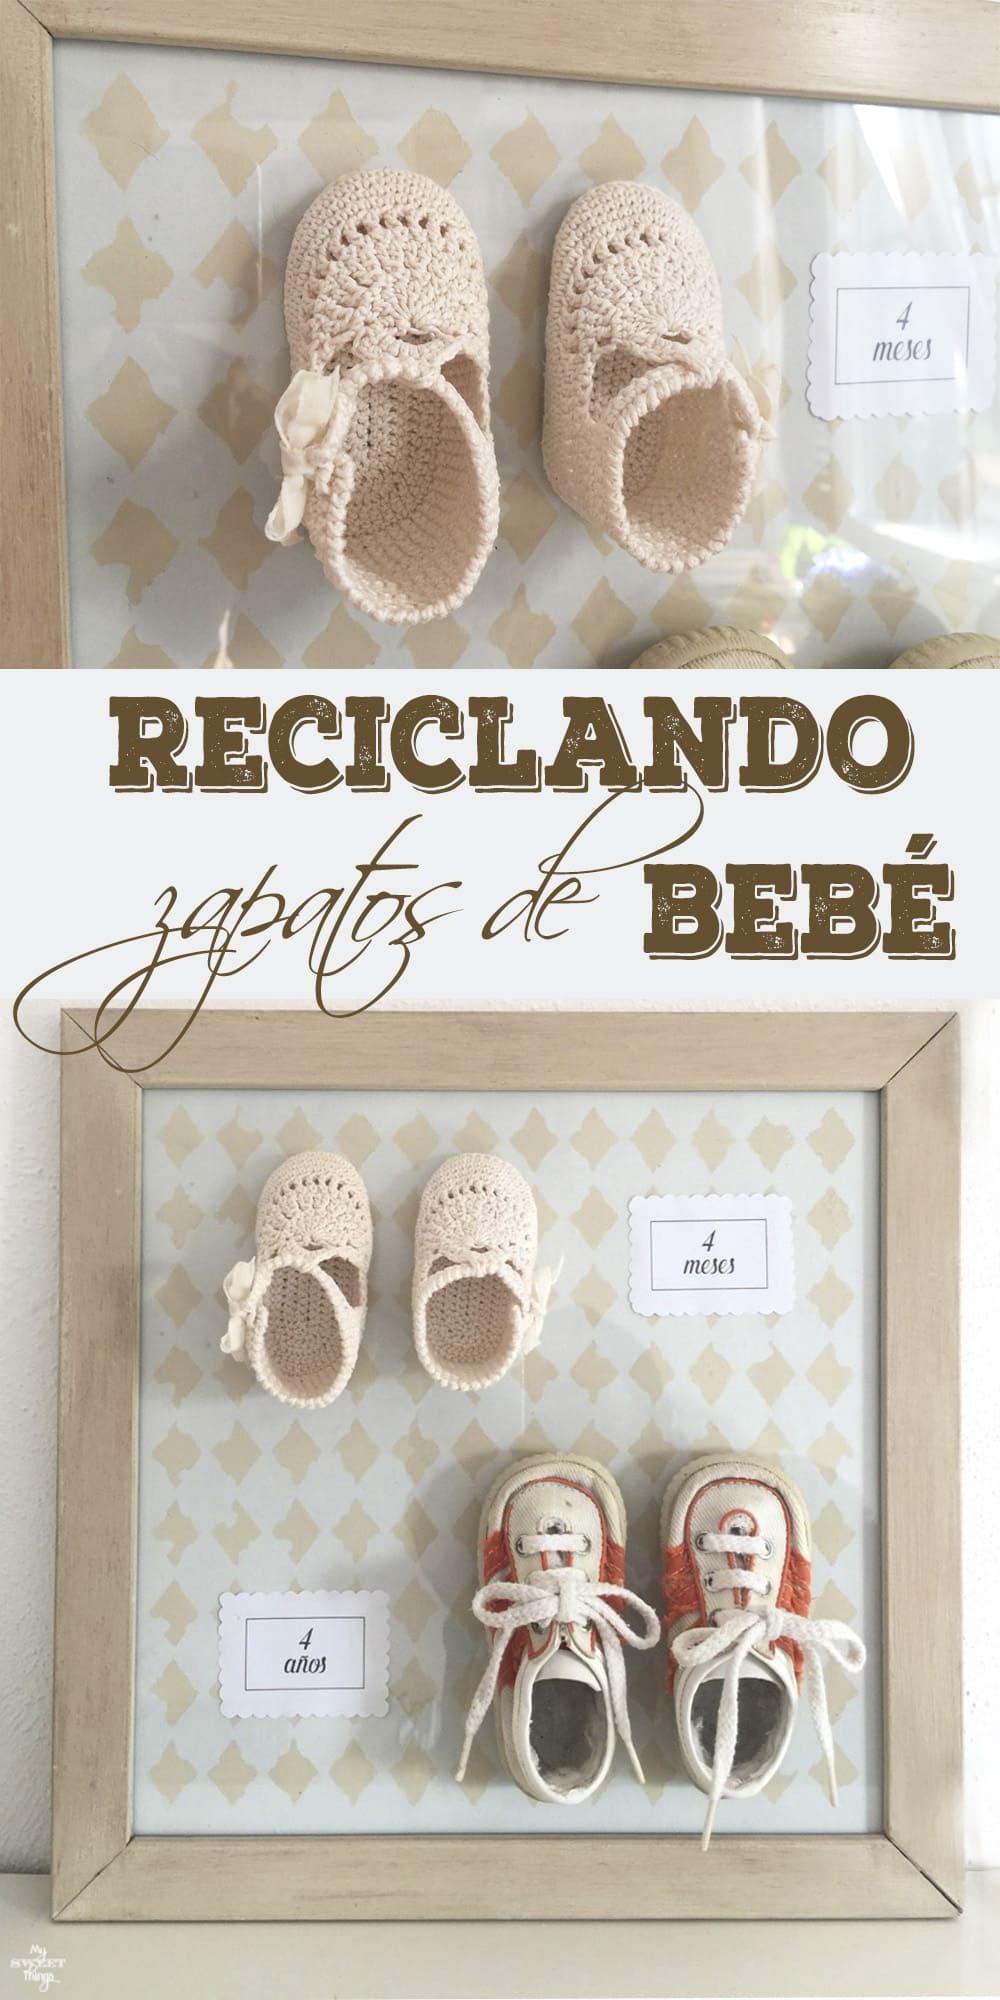 Reciclando unos zapatos de bebe con un marco de fotos  ·  Via www.sweethings.net